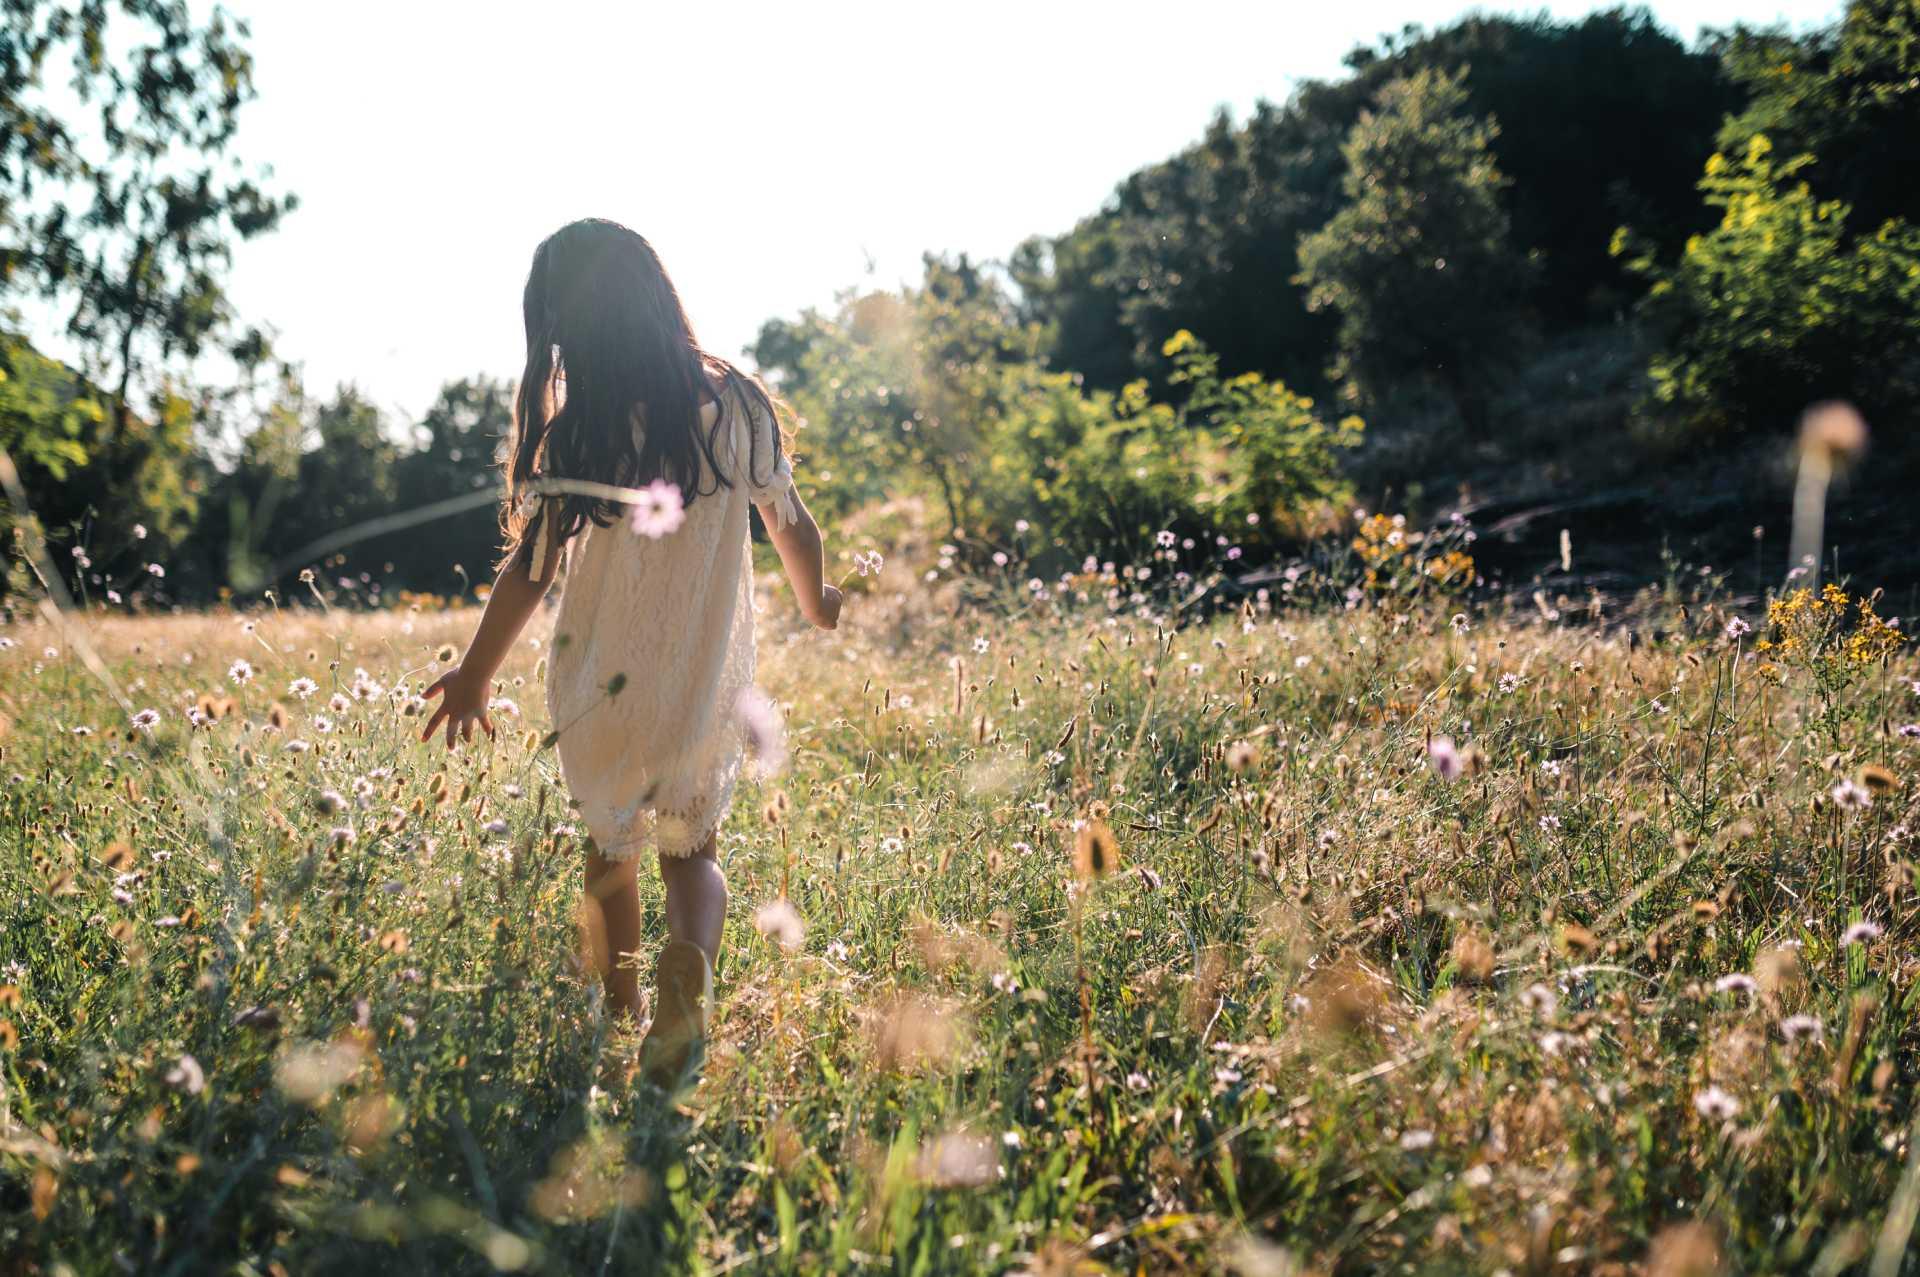 photo d'une fillette dans un champs par un photographe professionnel